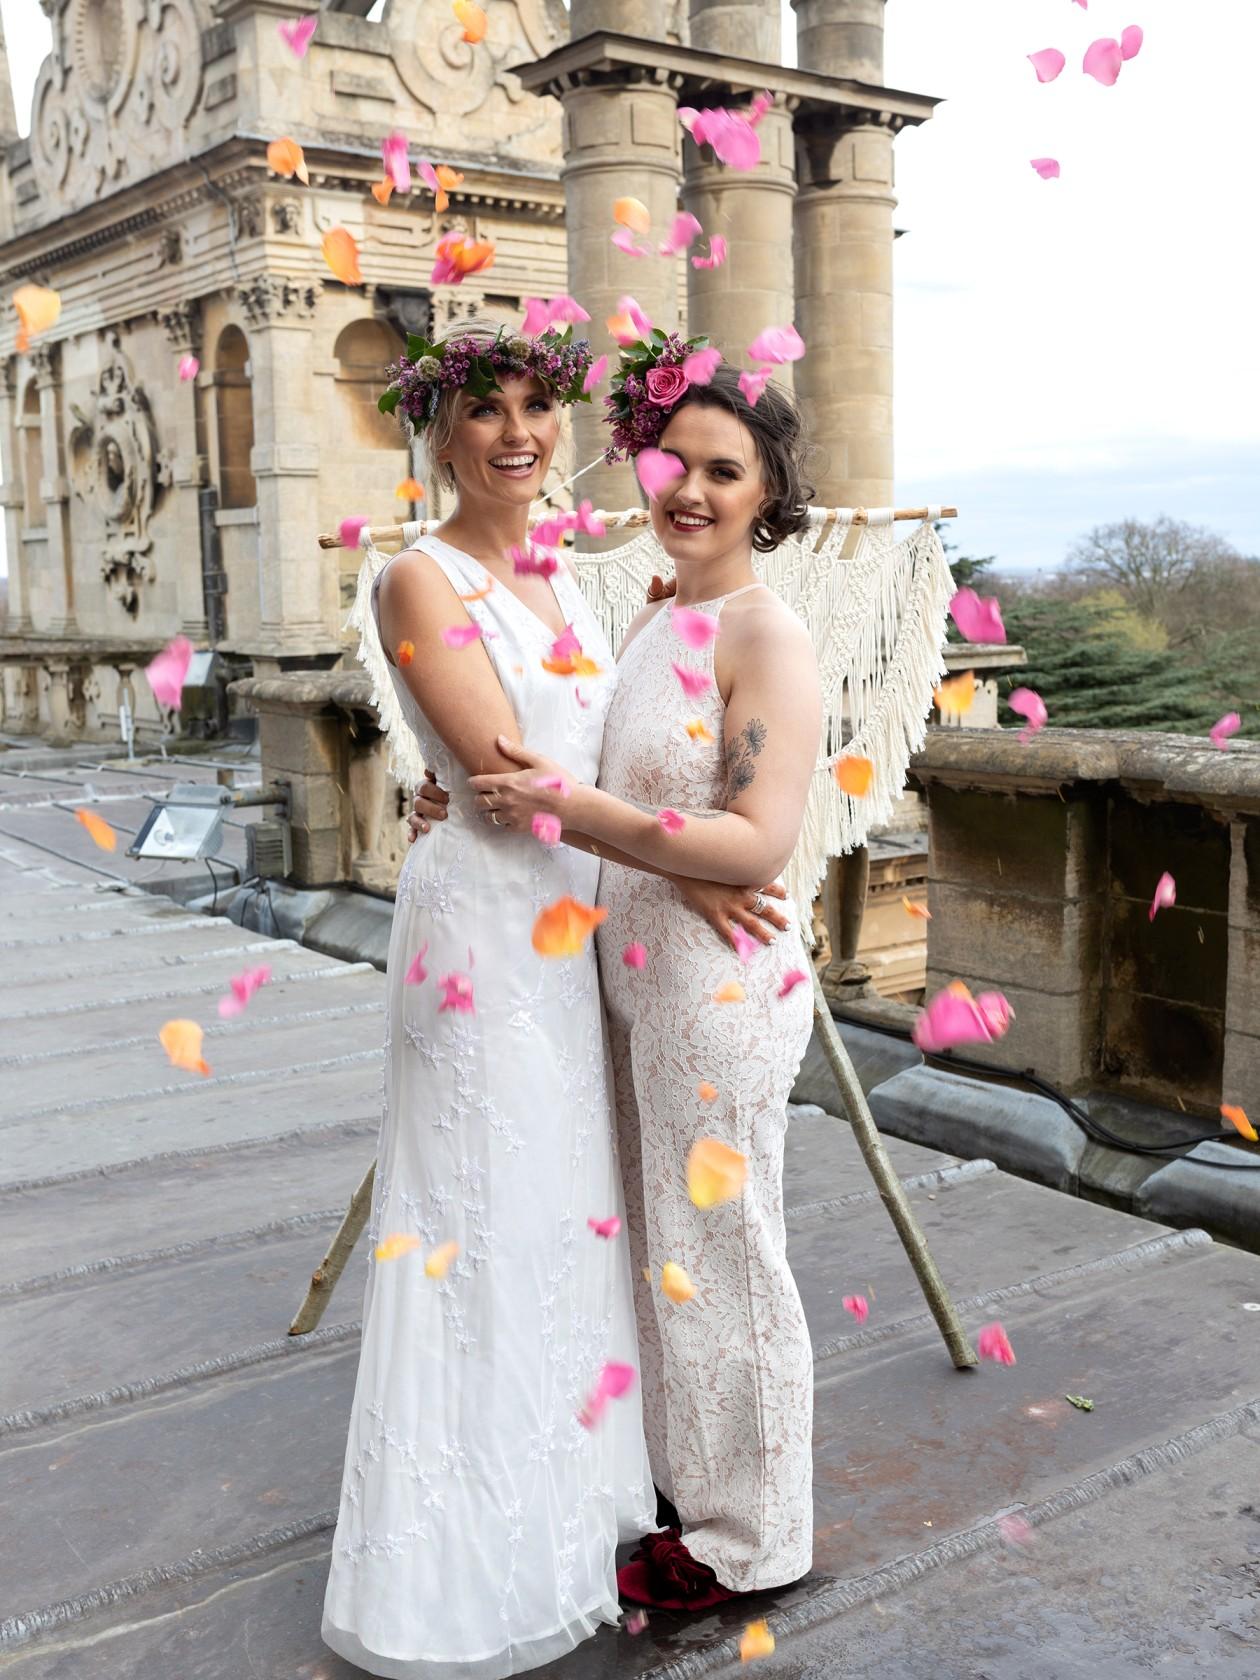 modern boho wedding, same sex wedding, lgbtq wedding, petal confetti, wedding confetti shot, unique boho wedding